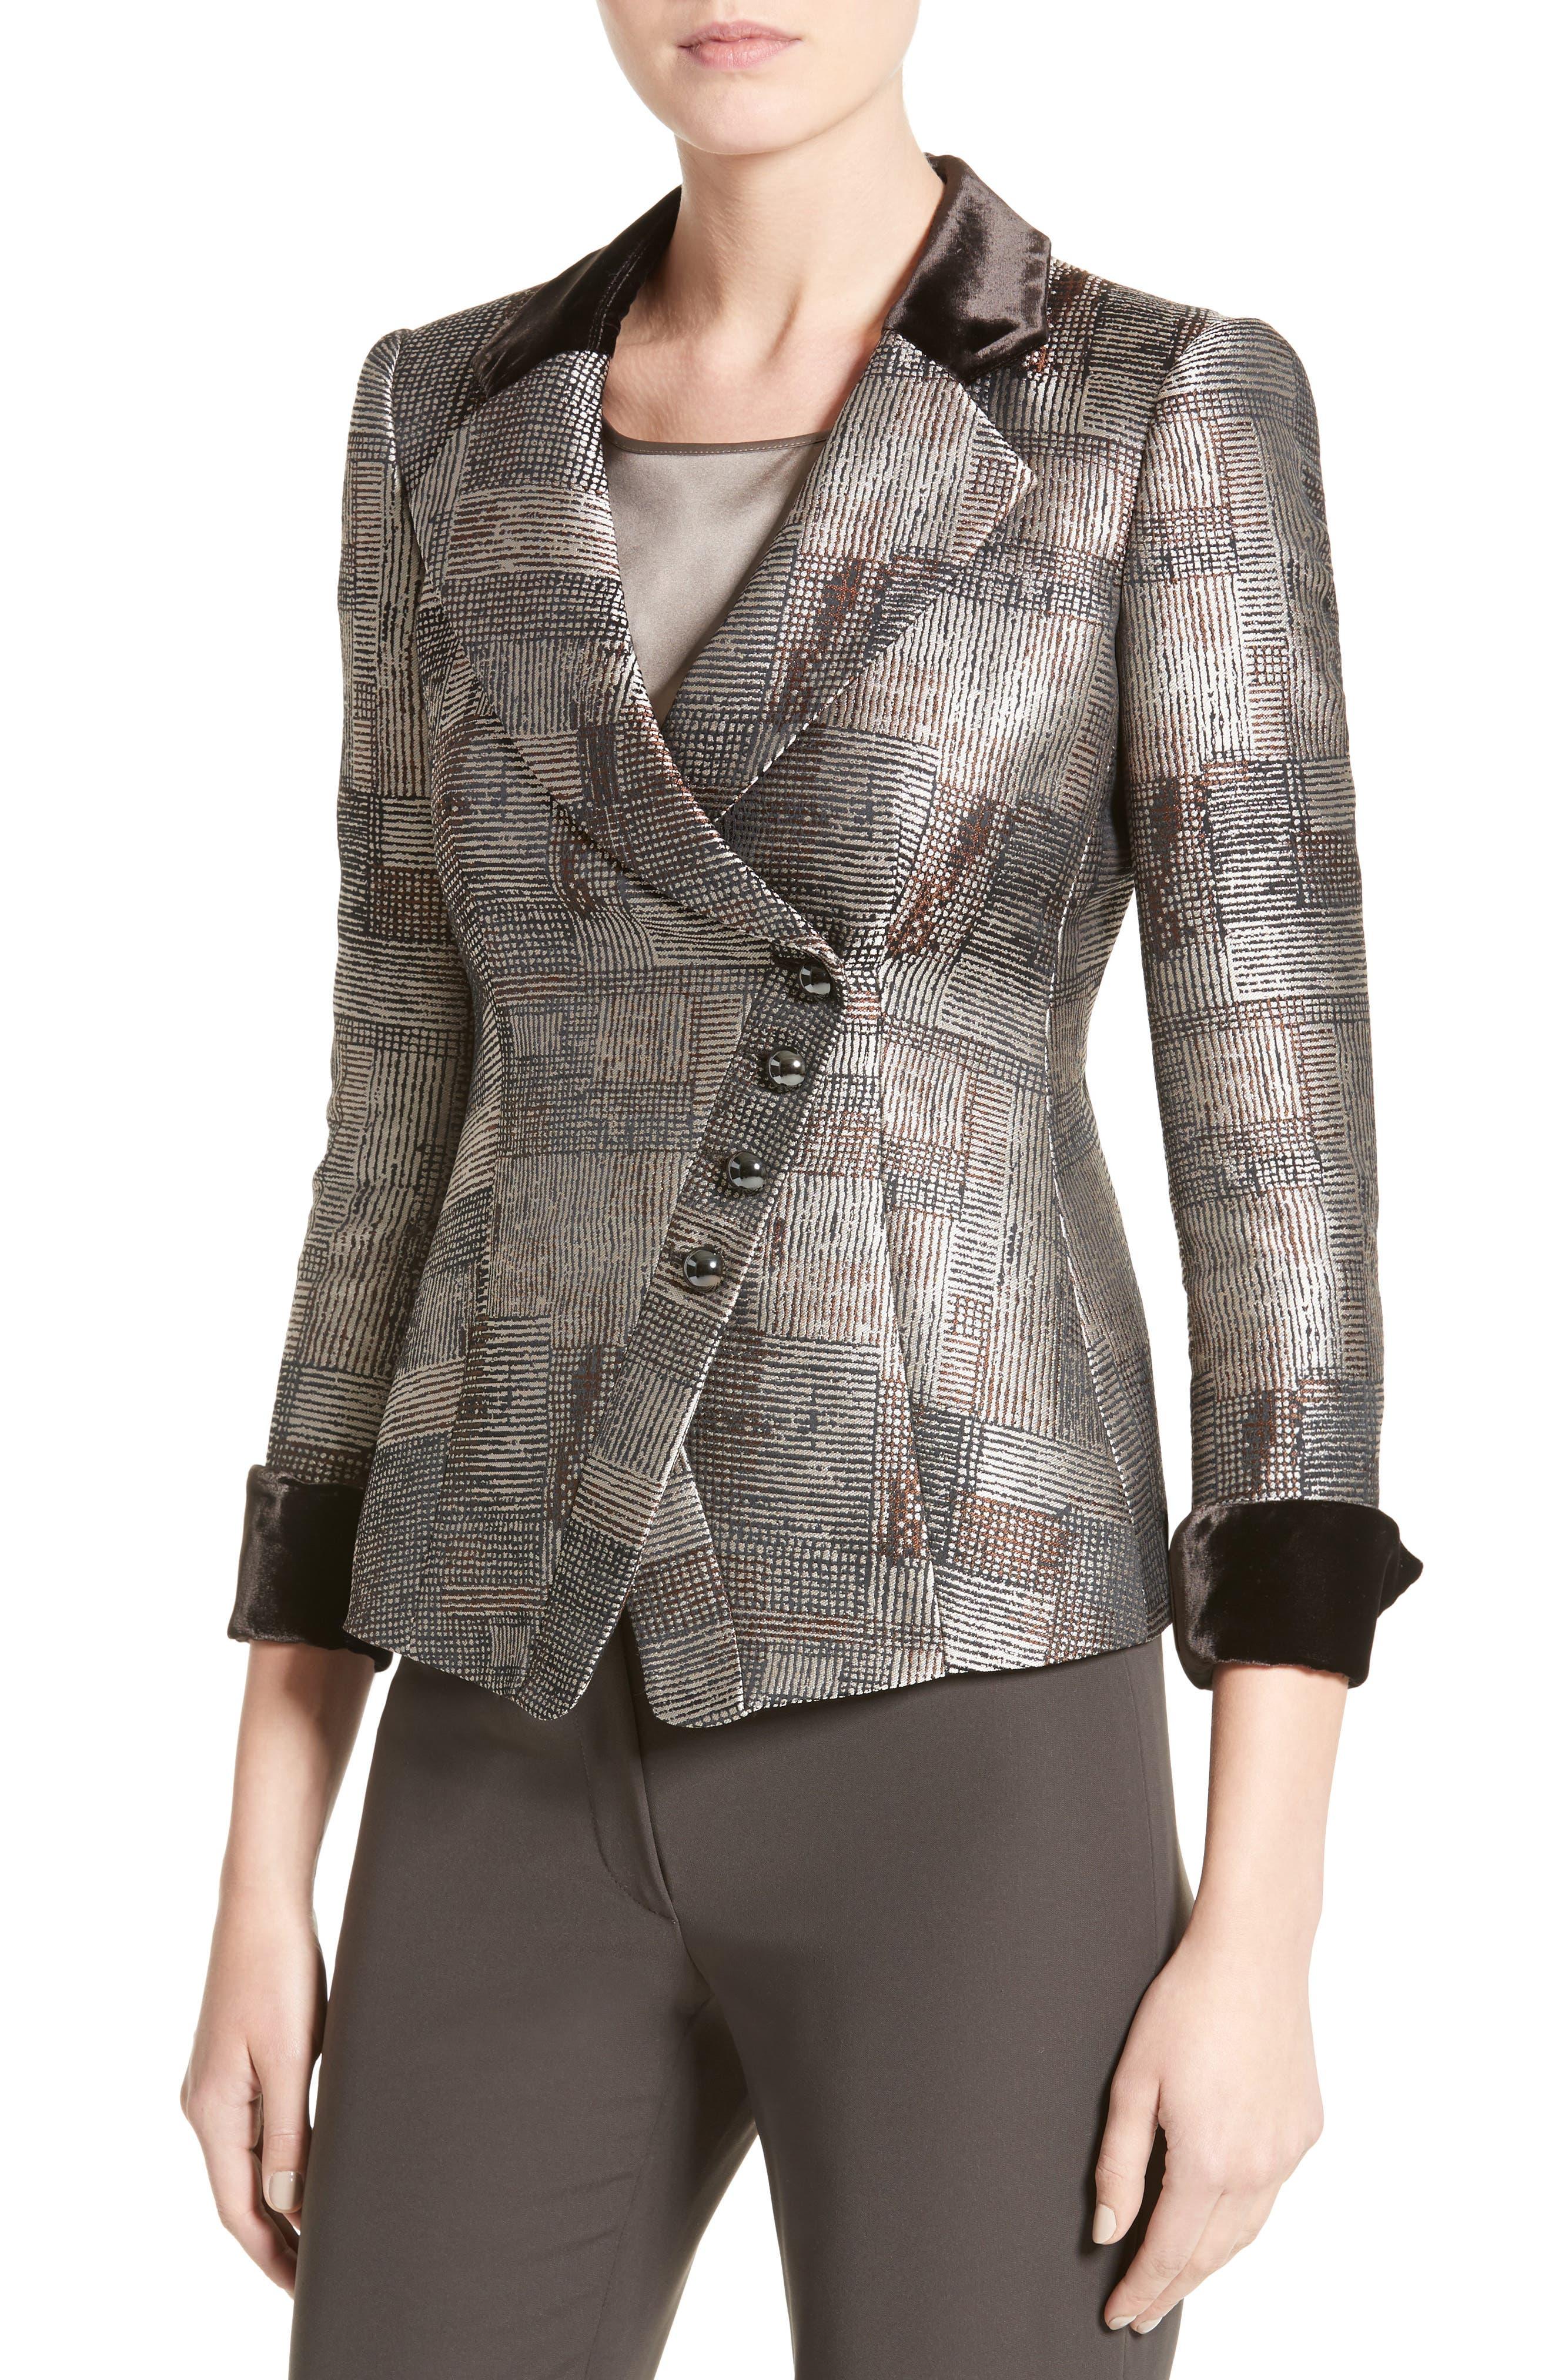 Panel Jacquard Asymmetrical Jacket,                             Alternate thumbnail 6, color,                             Multi